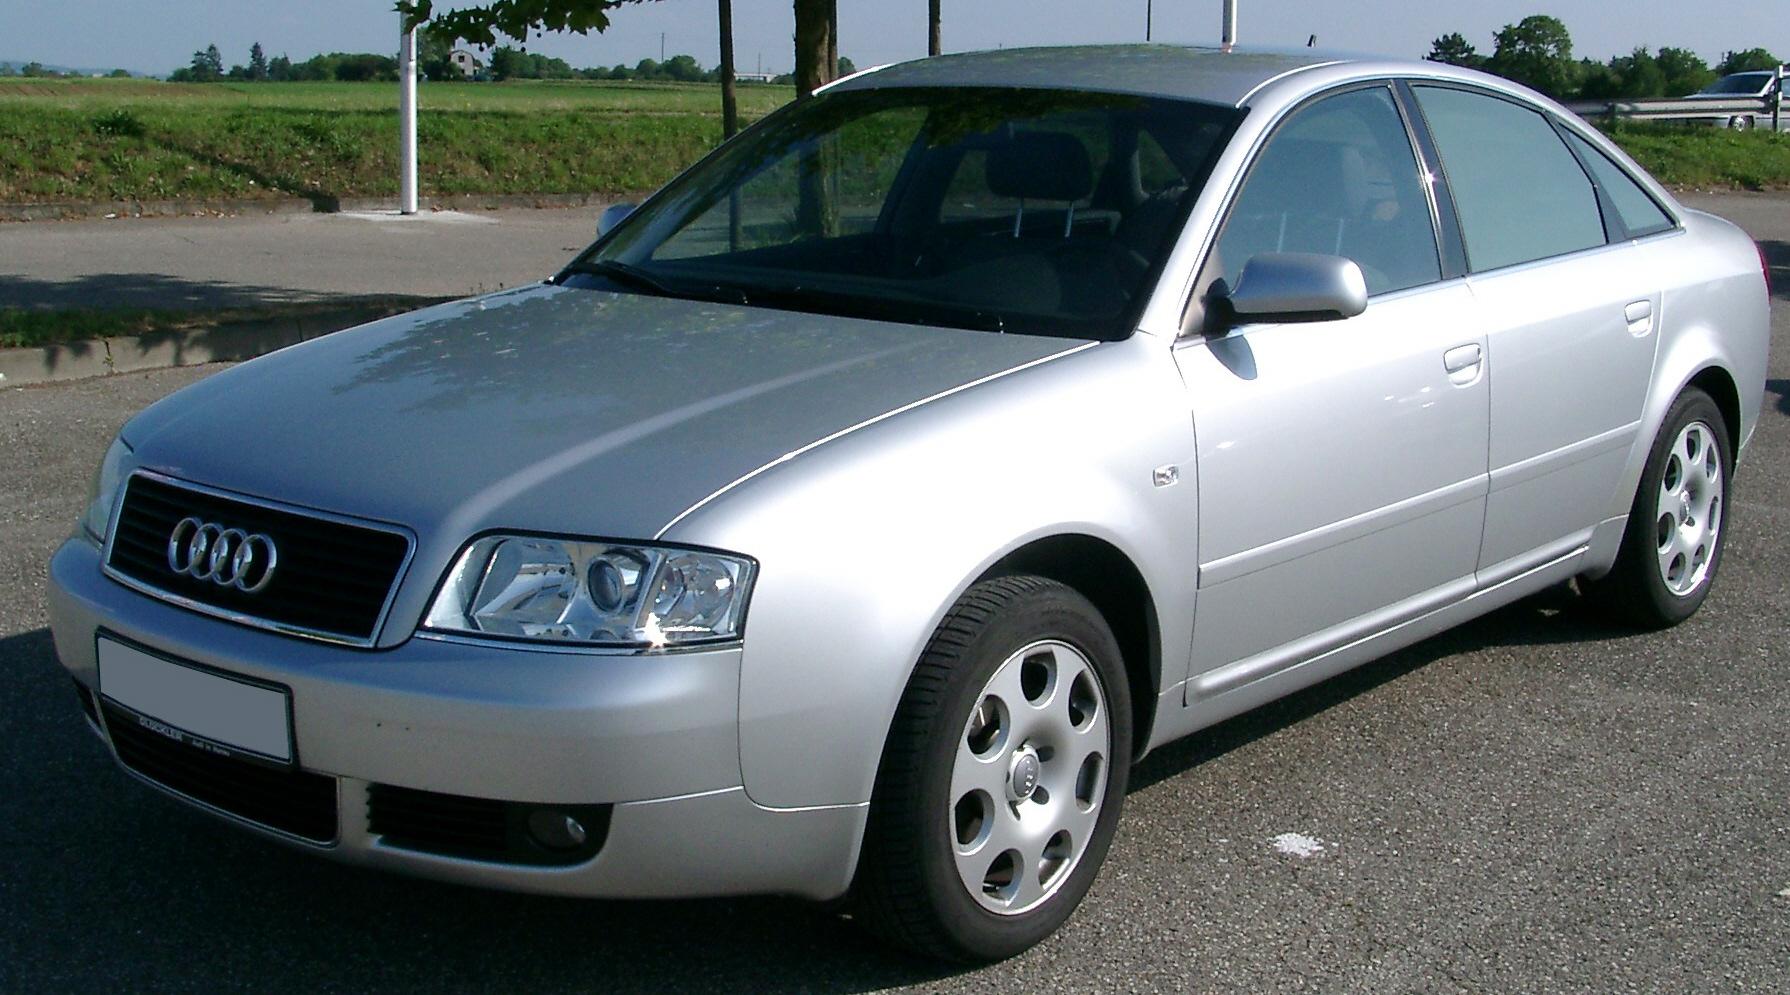 Audi_A6_C5_front_20070518